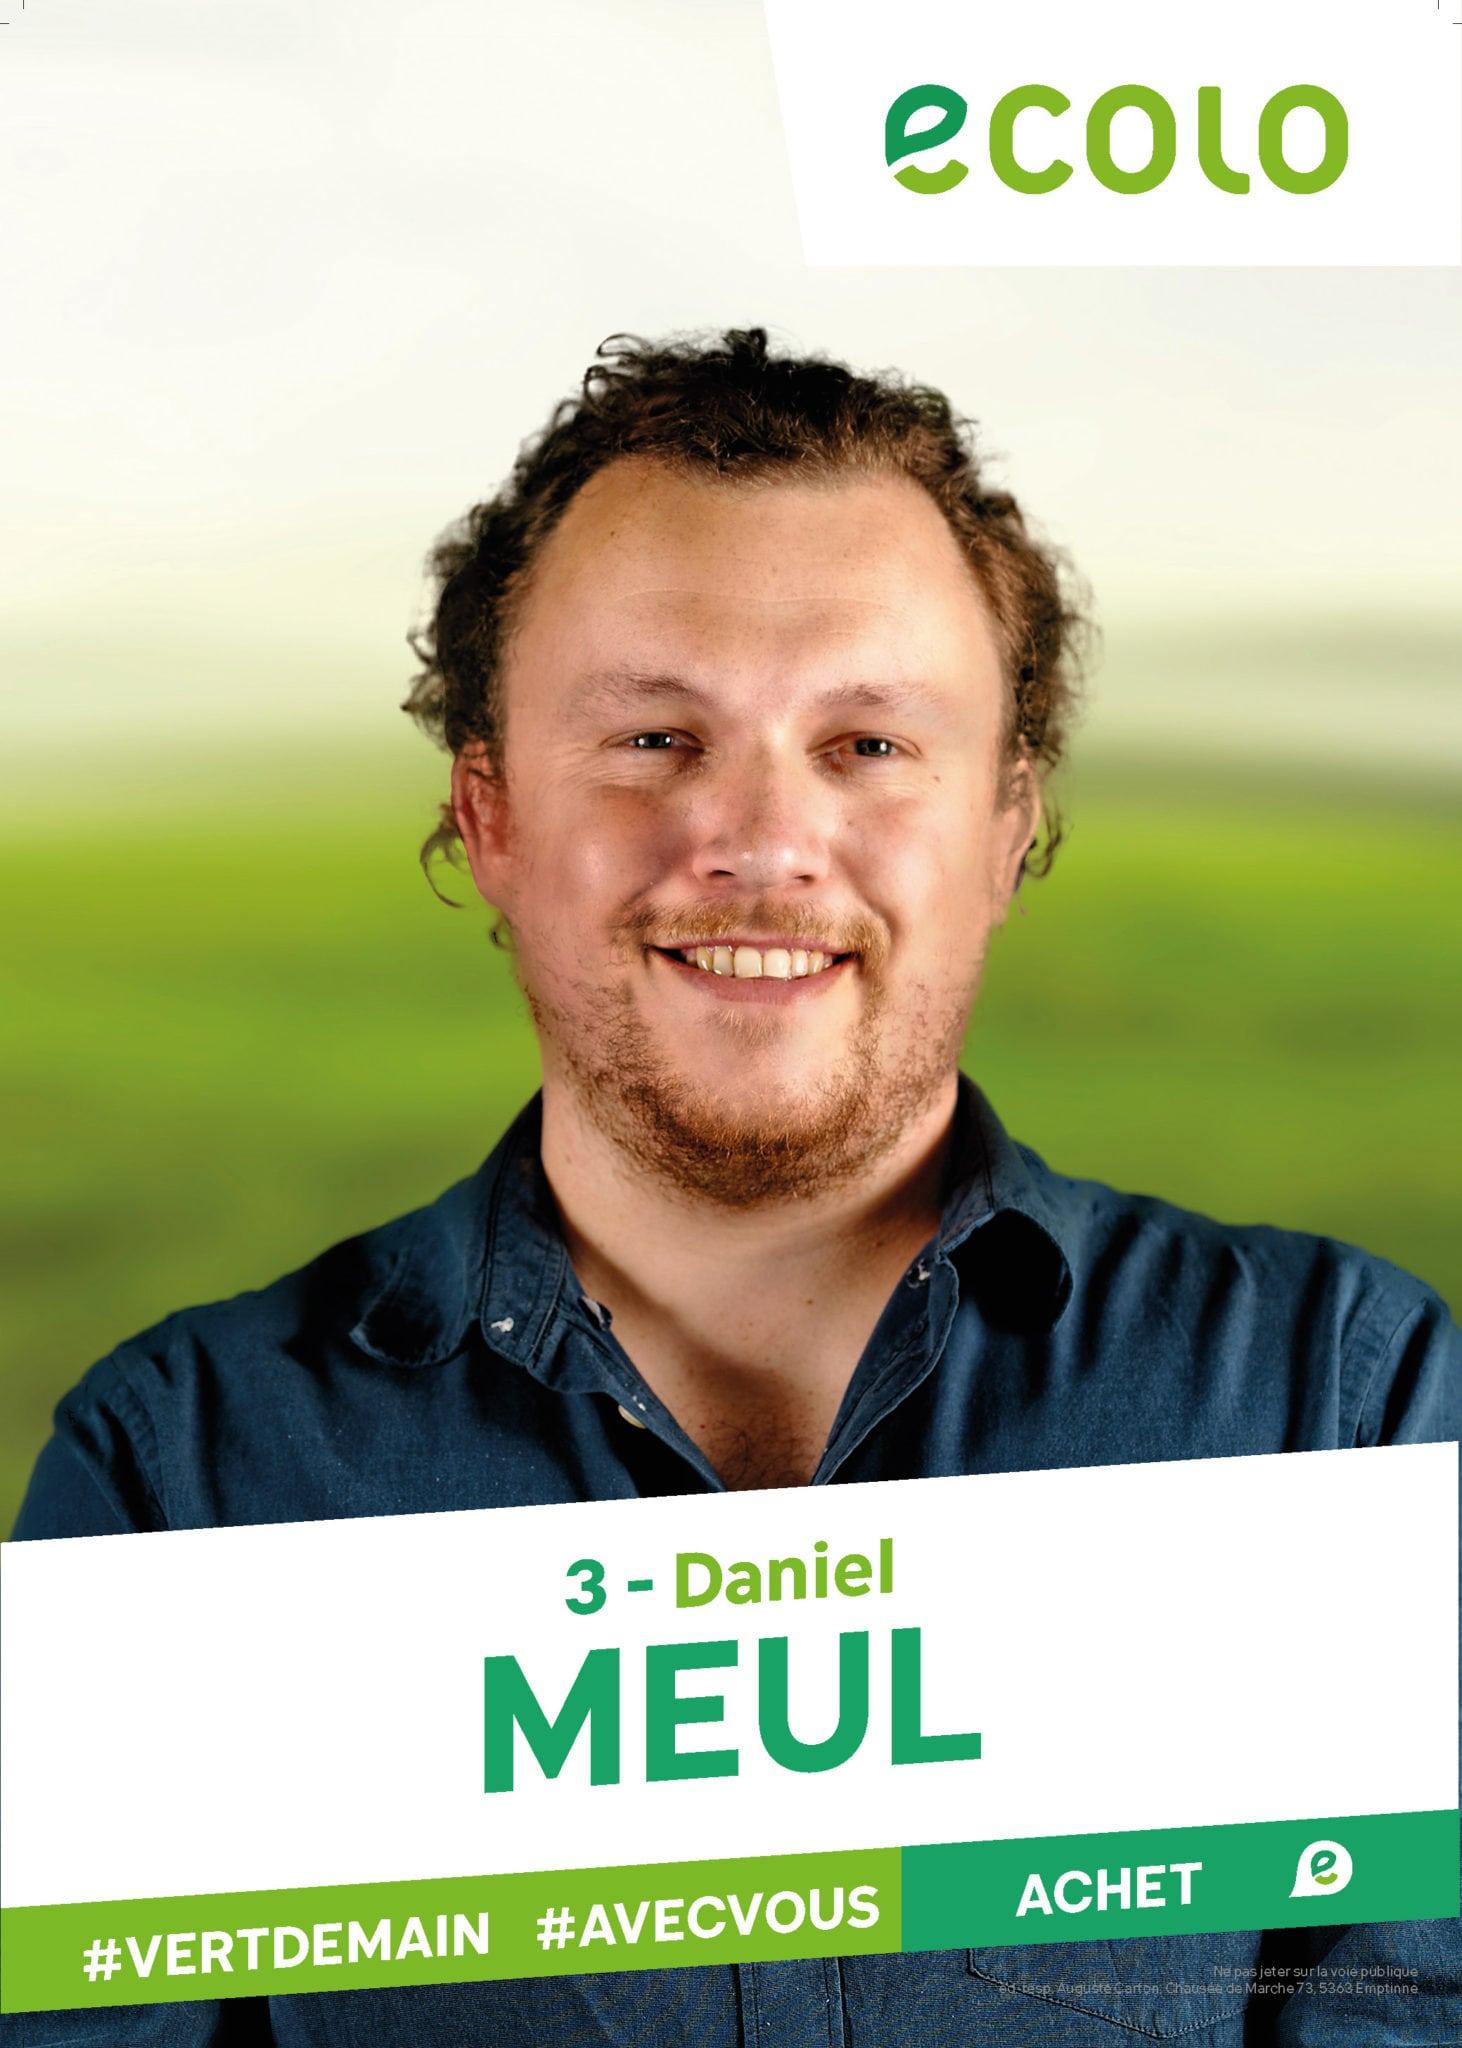 3 - Daniel MEUL